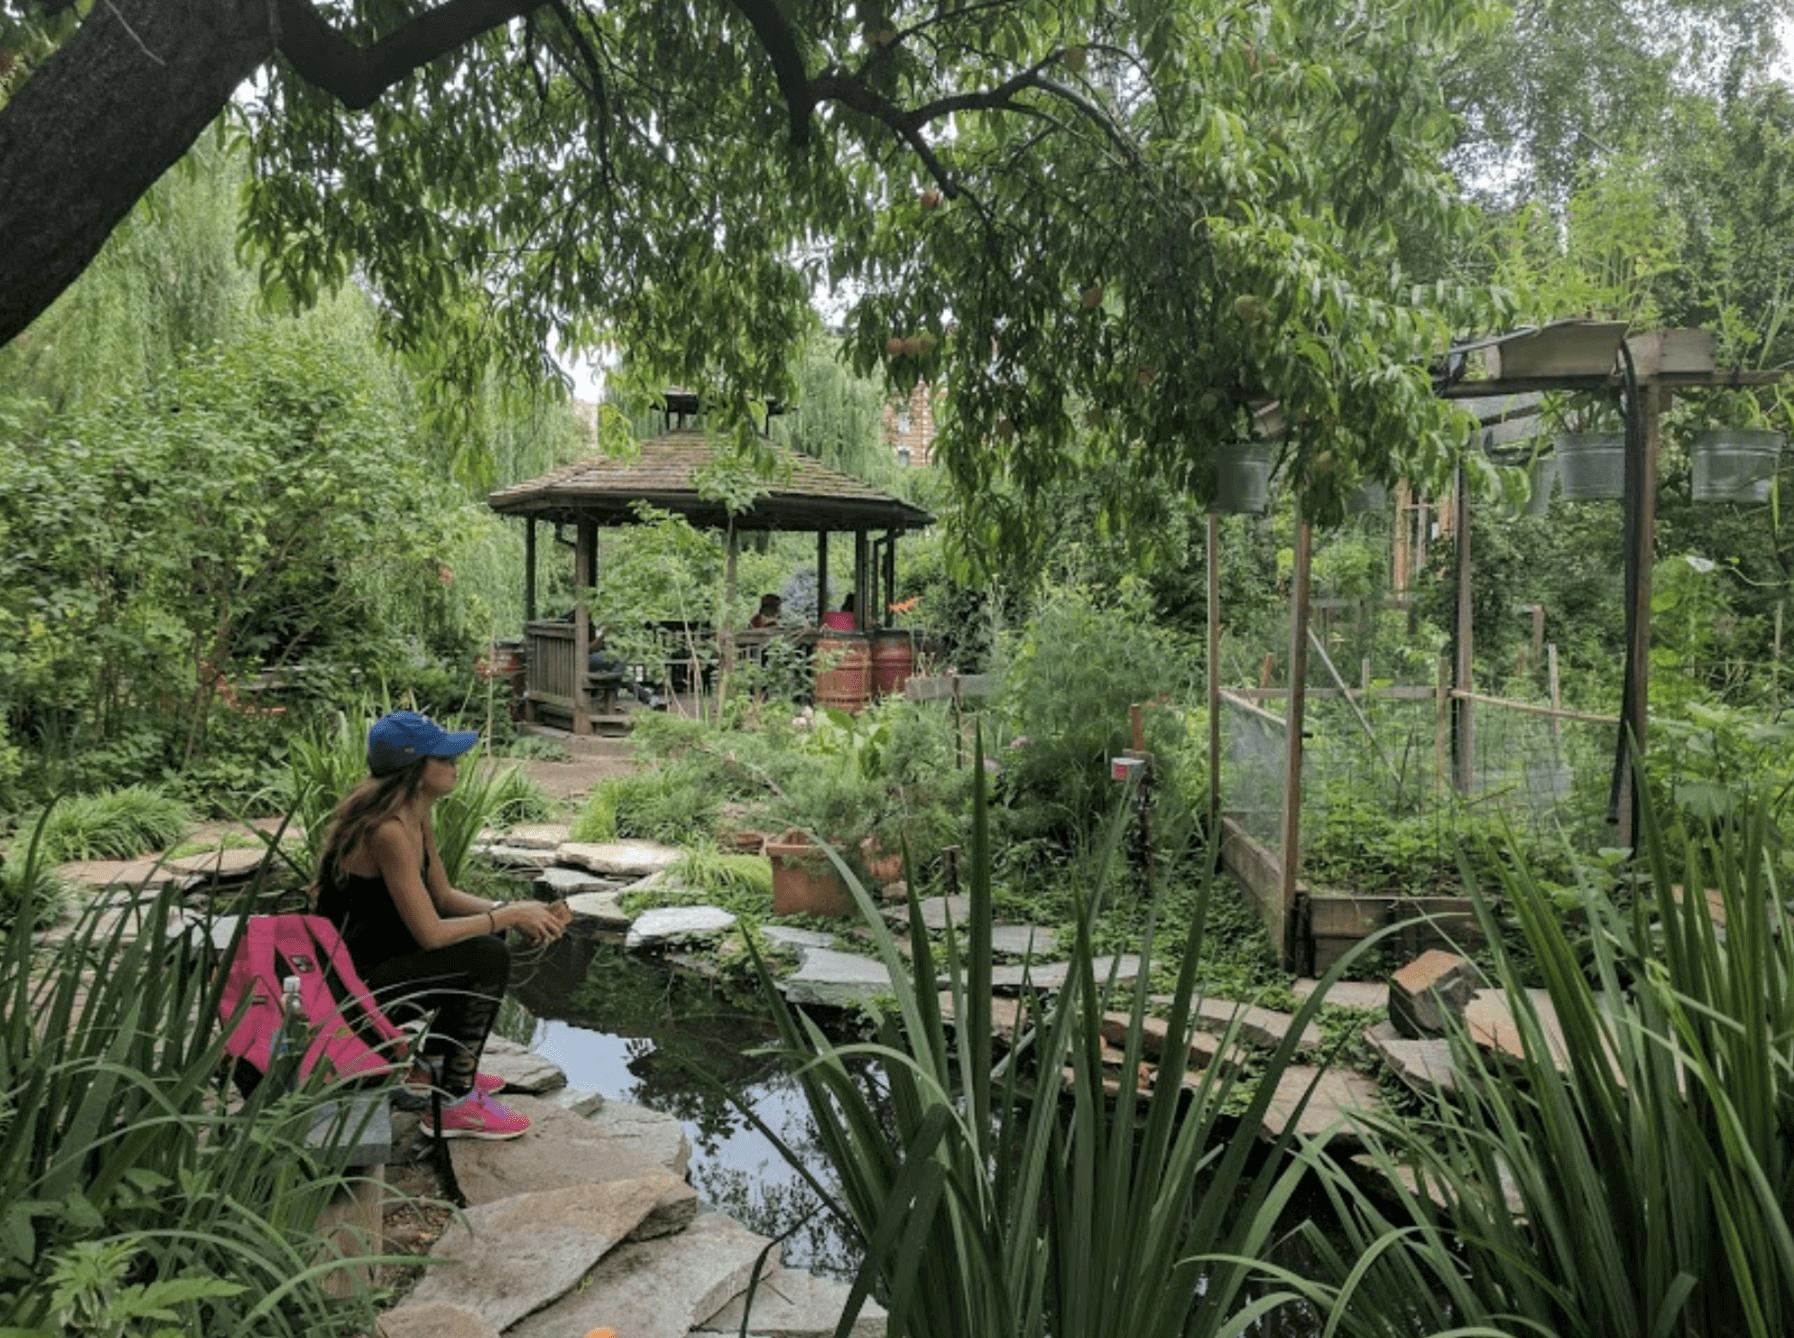 Curiosities Our Bucket Lists 3 NYC Hidden Gems La Plaza Cultural de Armando Perez Community Garden